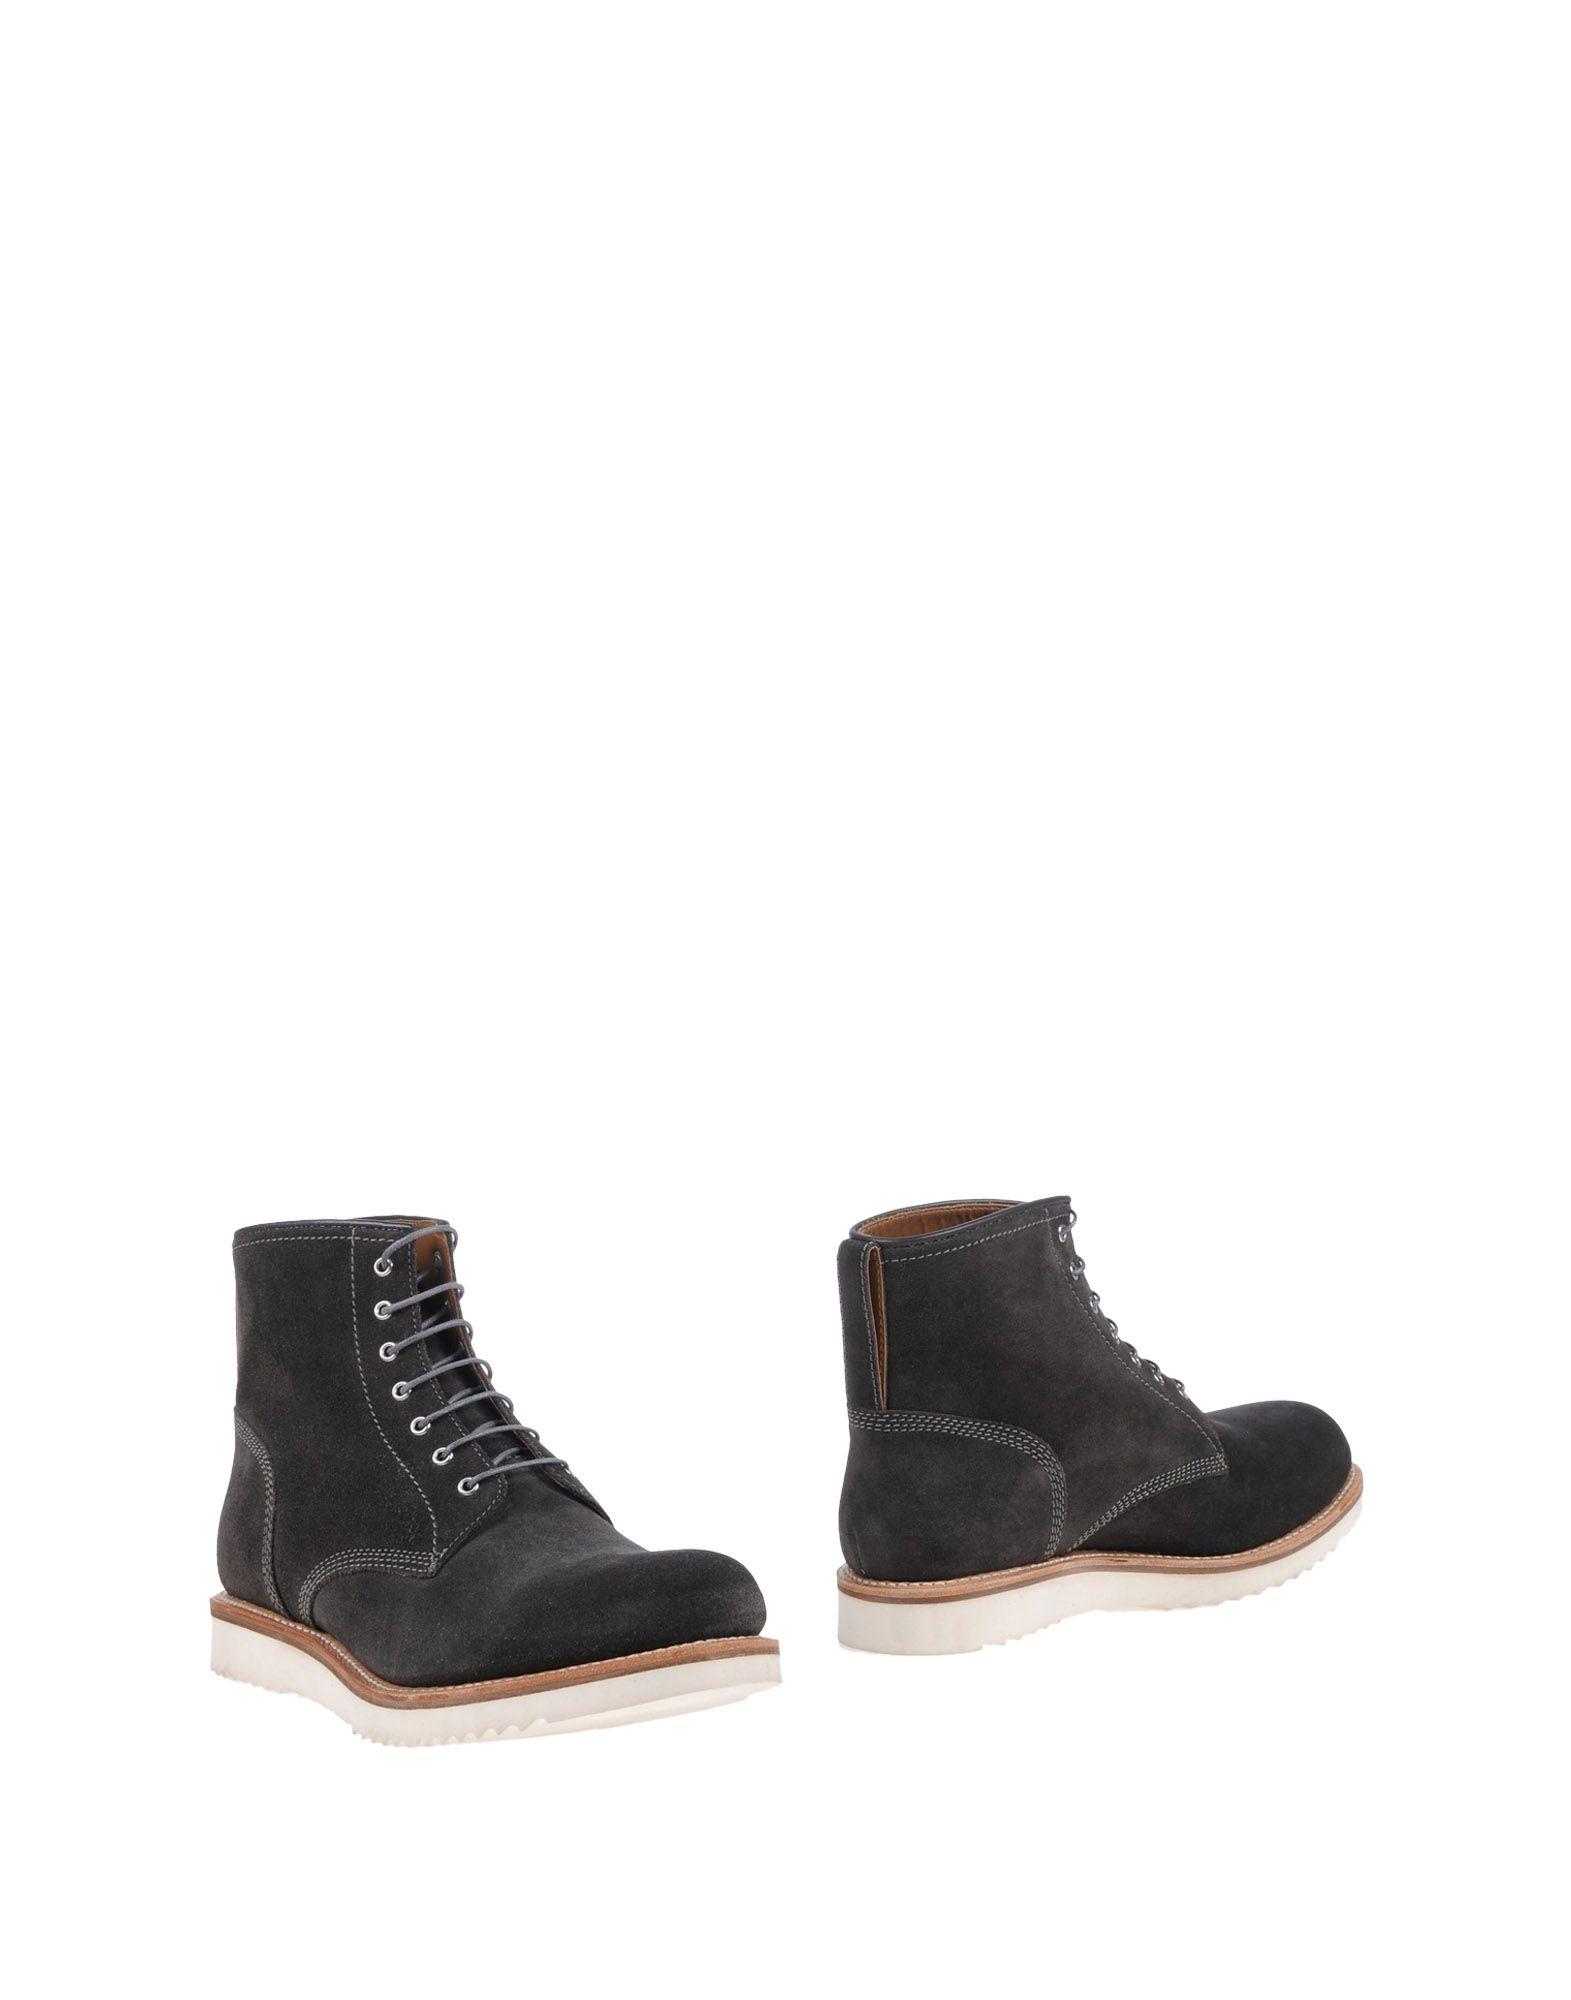 Grenson Stiefelette Herren  11410299GW Gute Qualität beliebte Schuhe